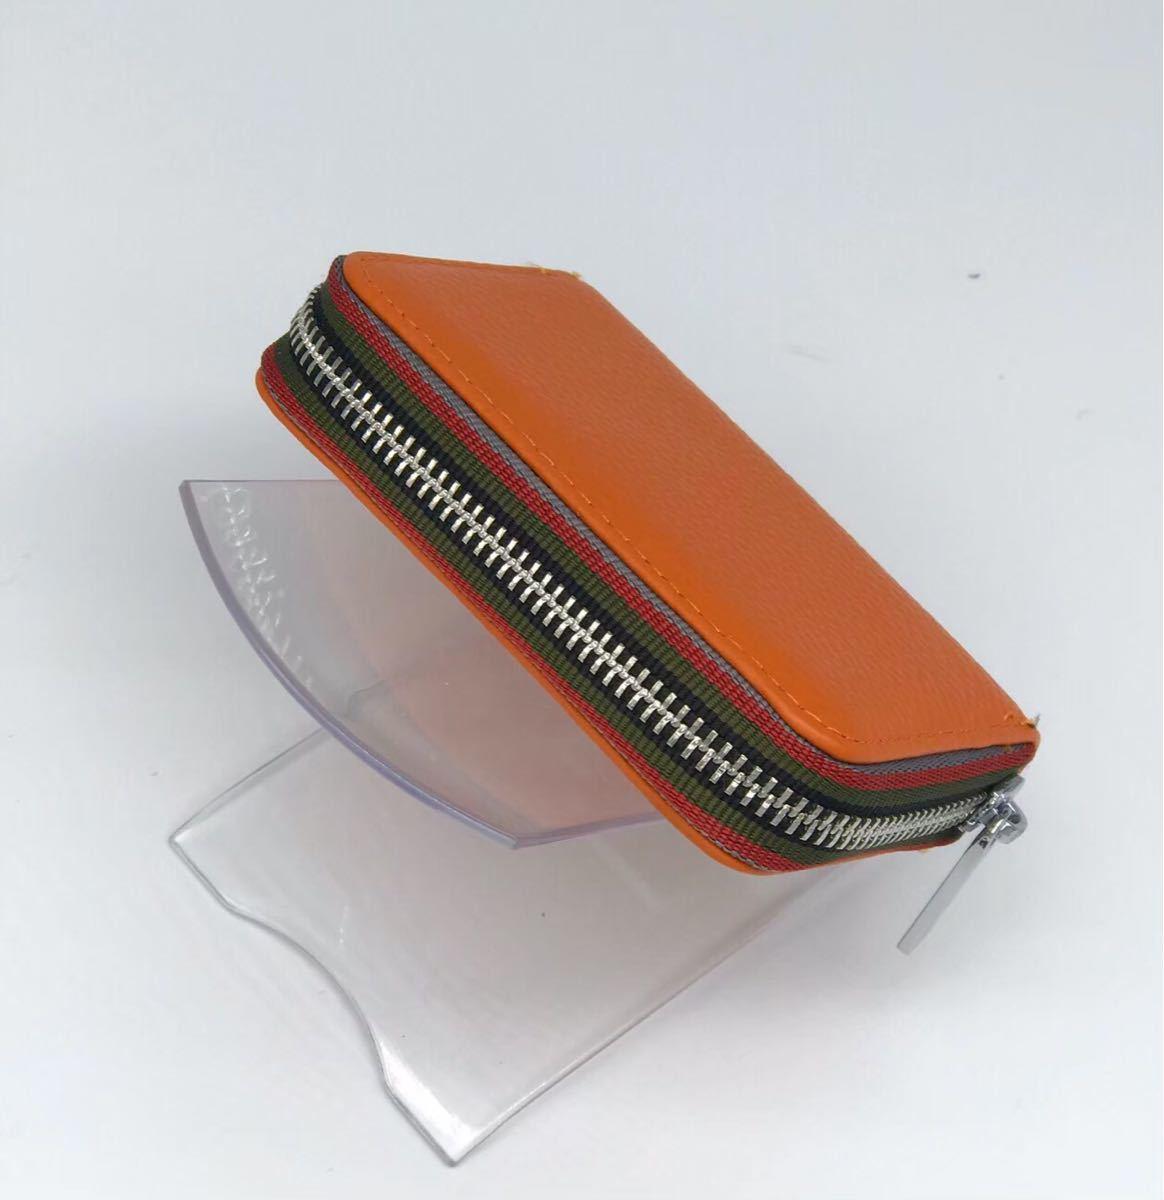 牛革スキミング防止カードケース!本革レザー